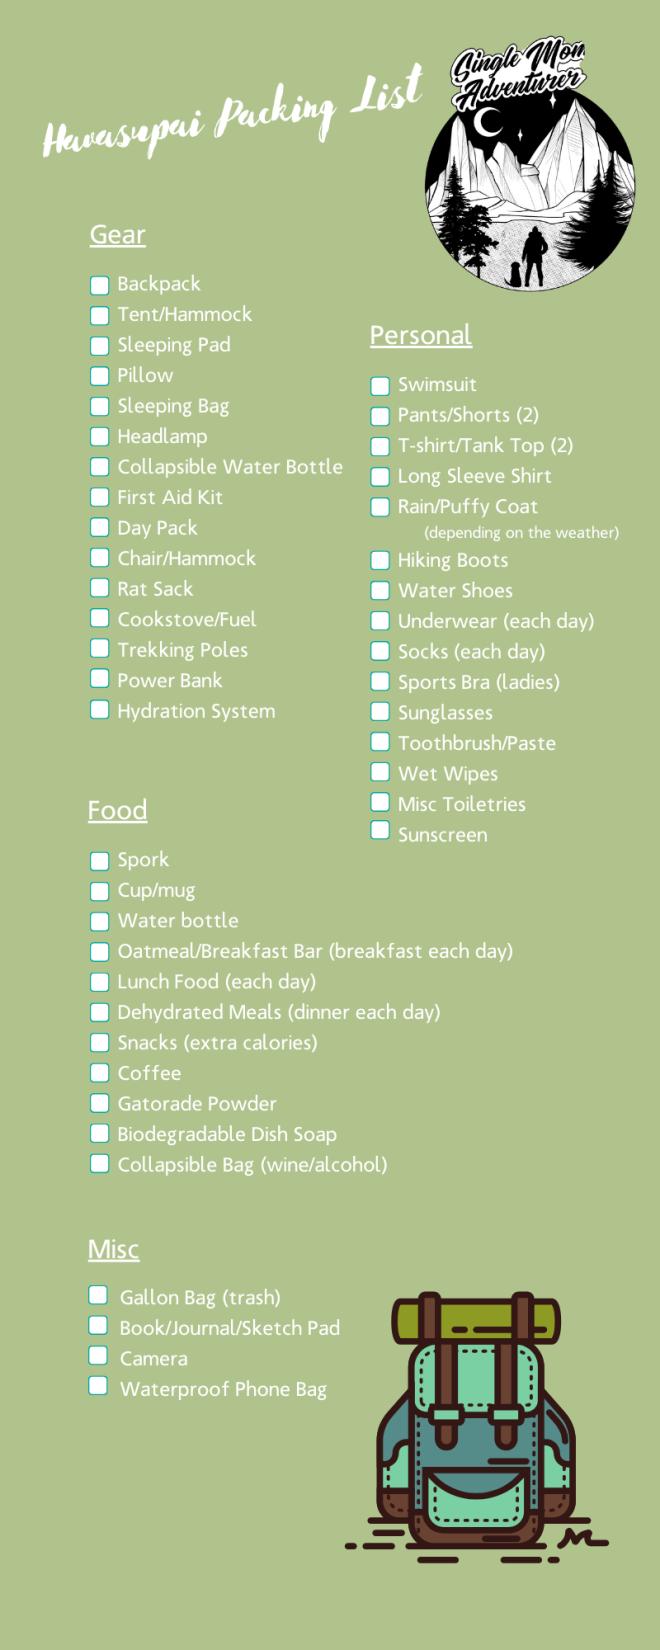 Havasupai Packing List